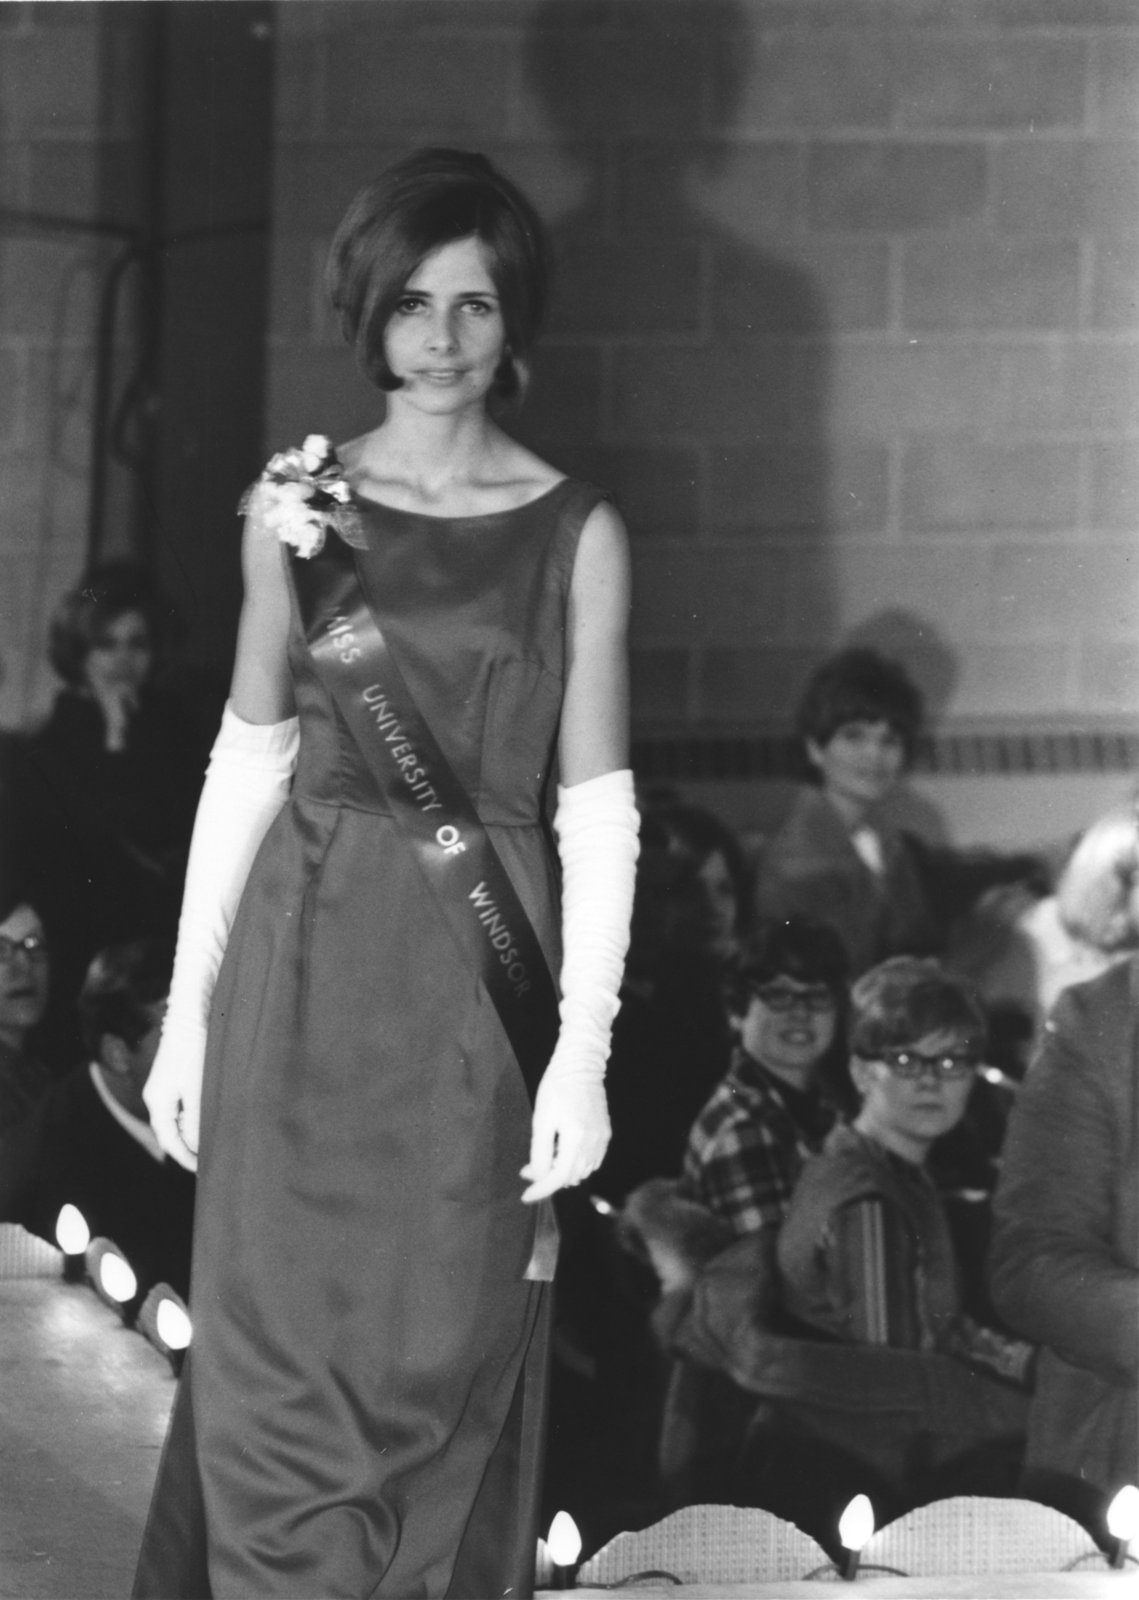 Miss Canadian University Queen 1968